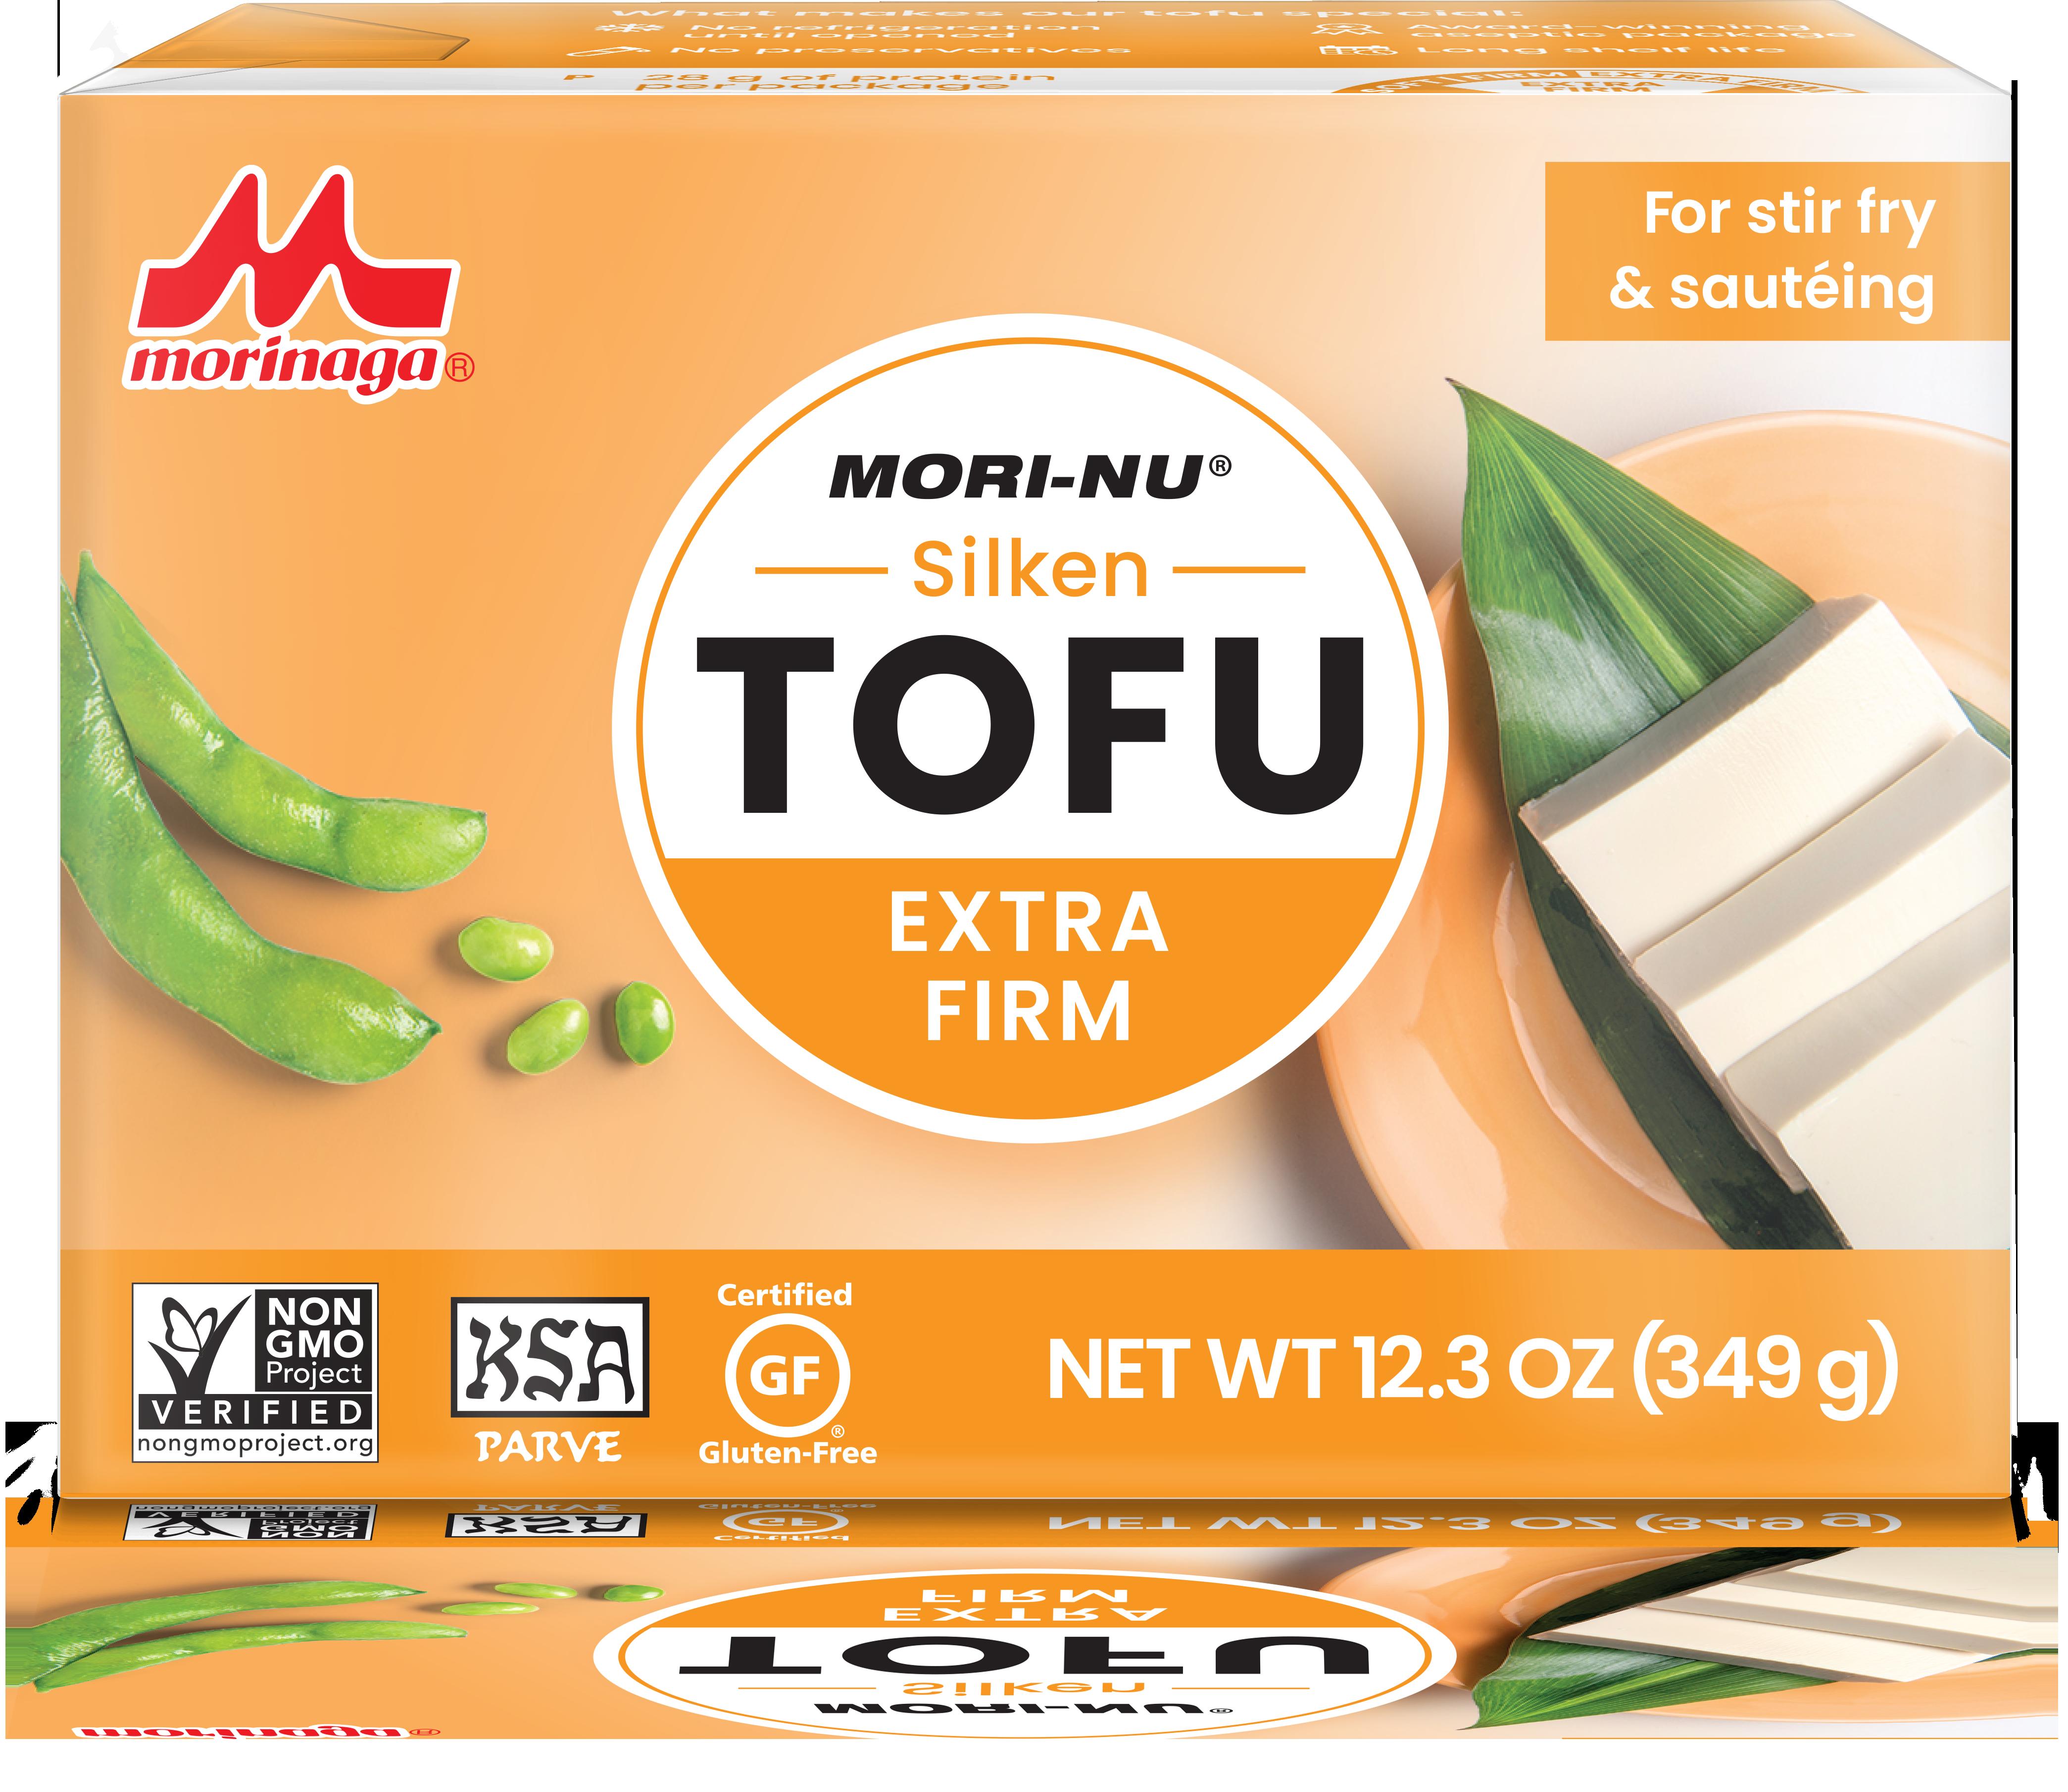 MORI-NU SILKEN TOFU Extra Firm